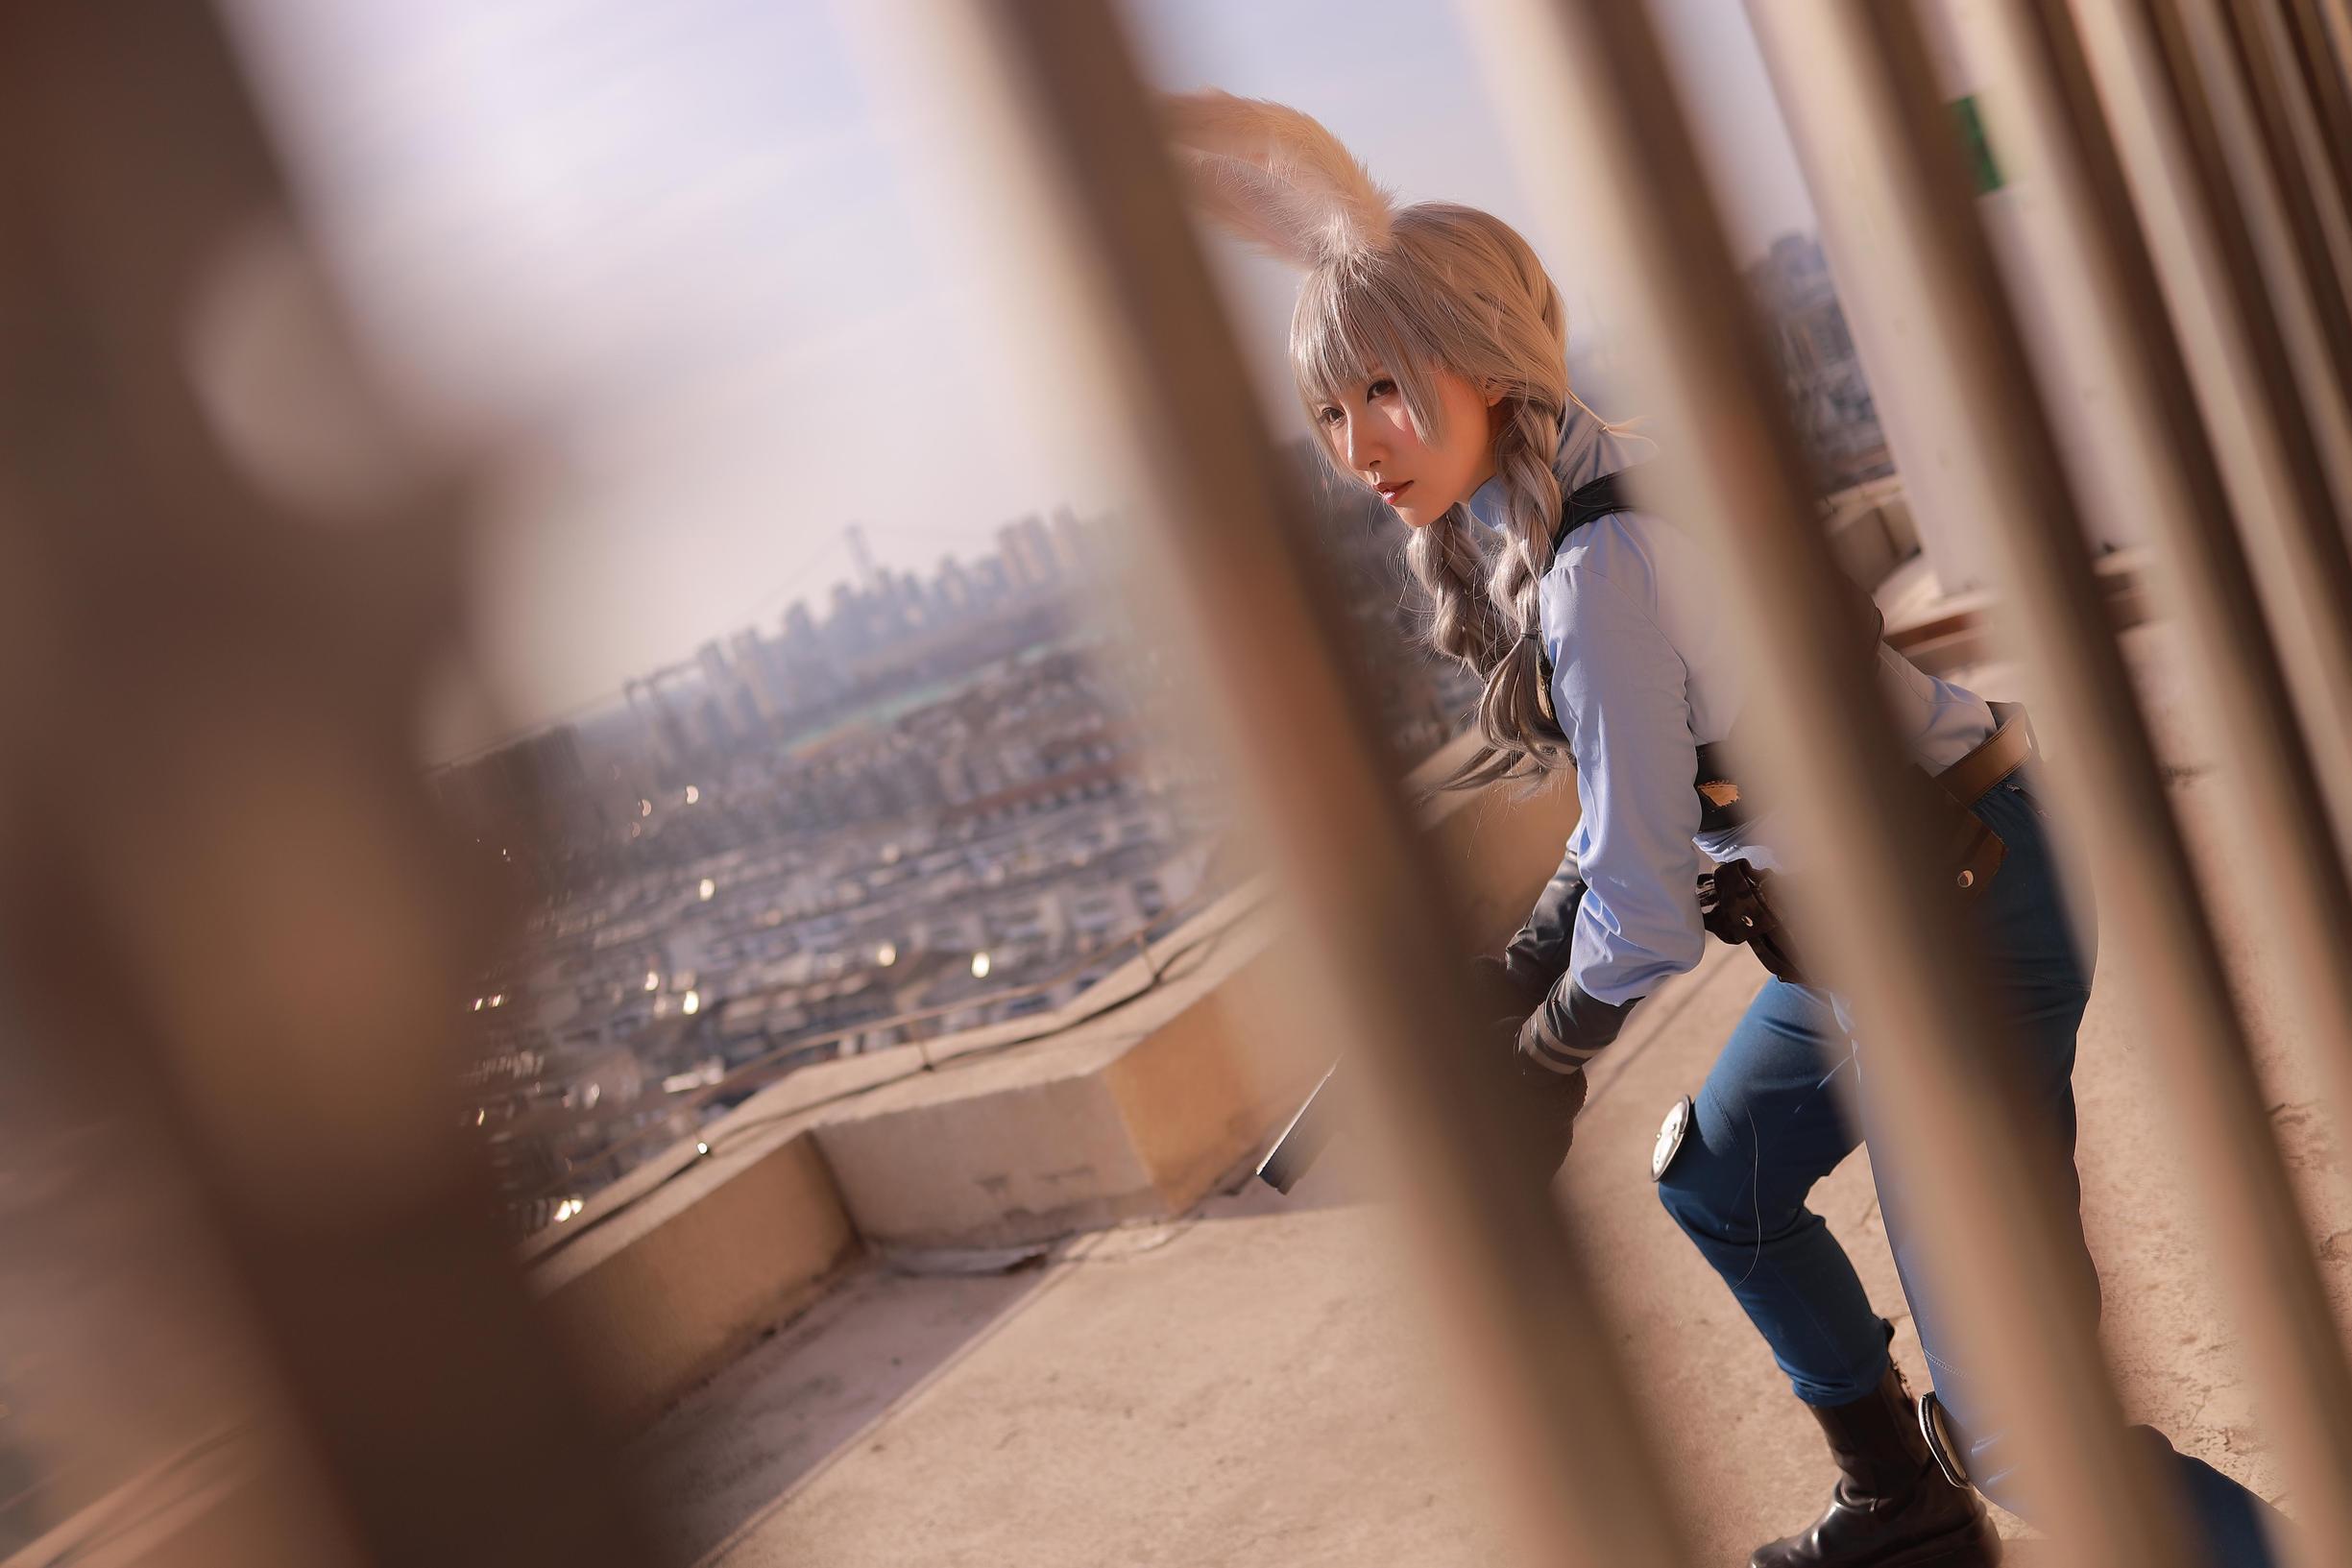 《疯狂动物城》正片cosplay【CN:雪瞳】 -cosplay背景艺术字图片插图